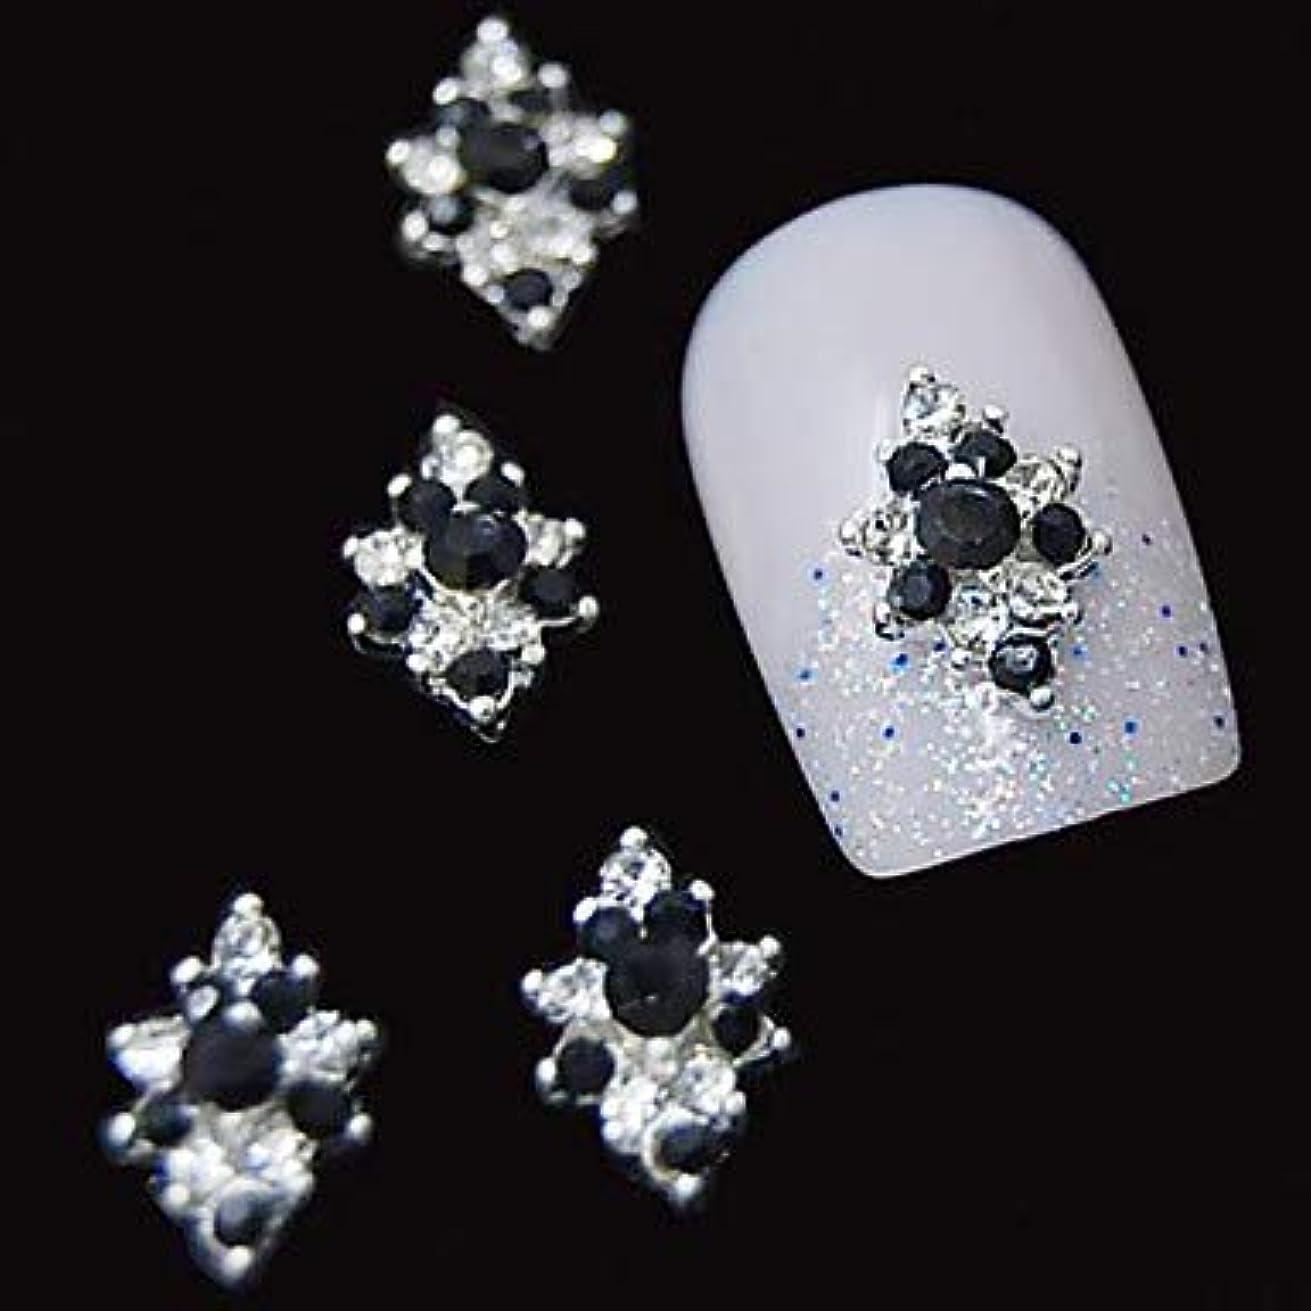 泣き叫ぶポテト可能にする10ピース3dブラックラインストーンダイヤモンドフラワーdiyアクセサリー合金ネイルアートデコレーション